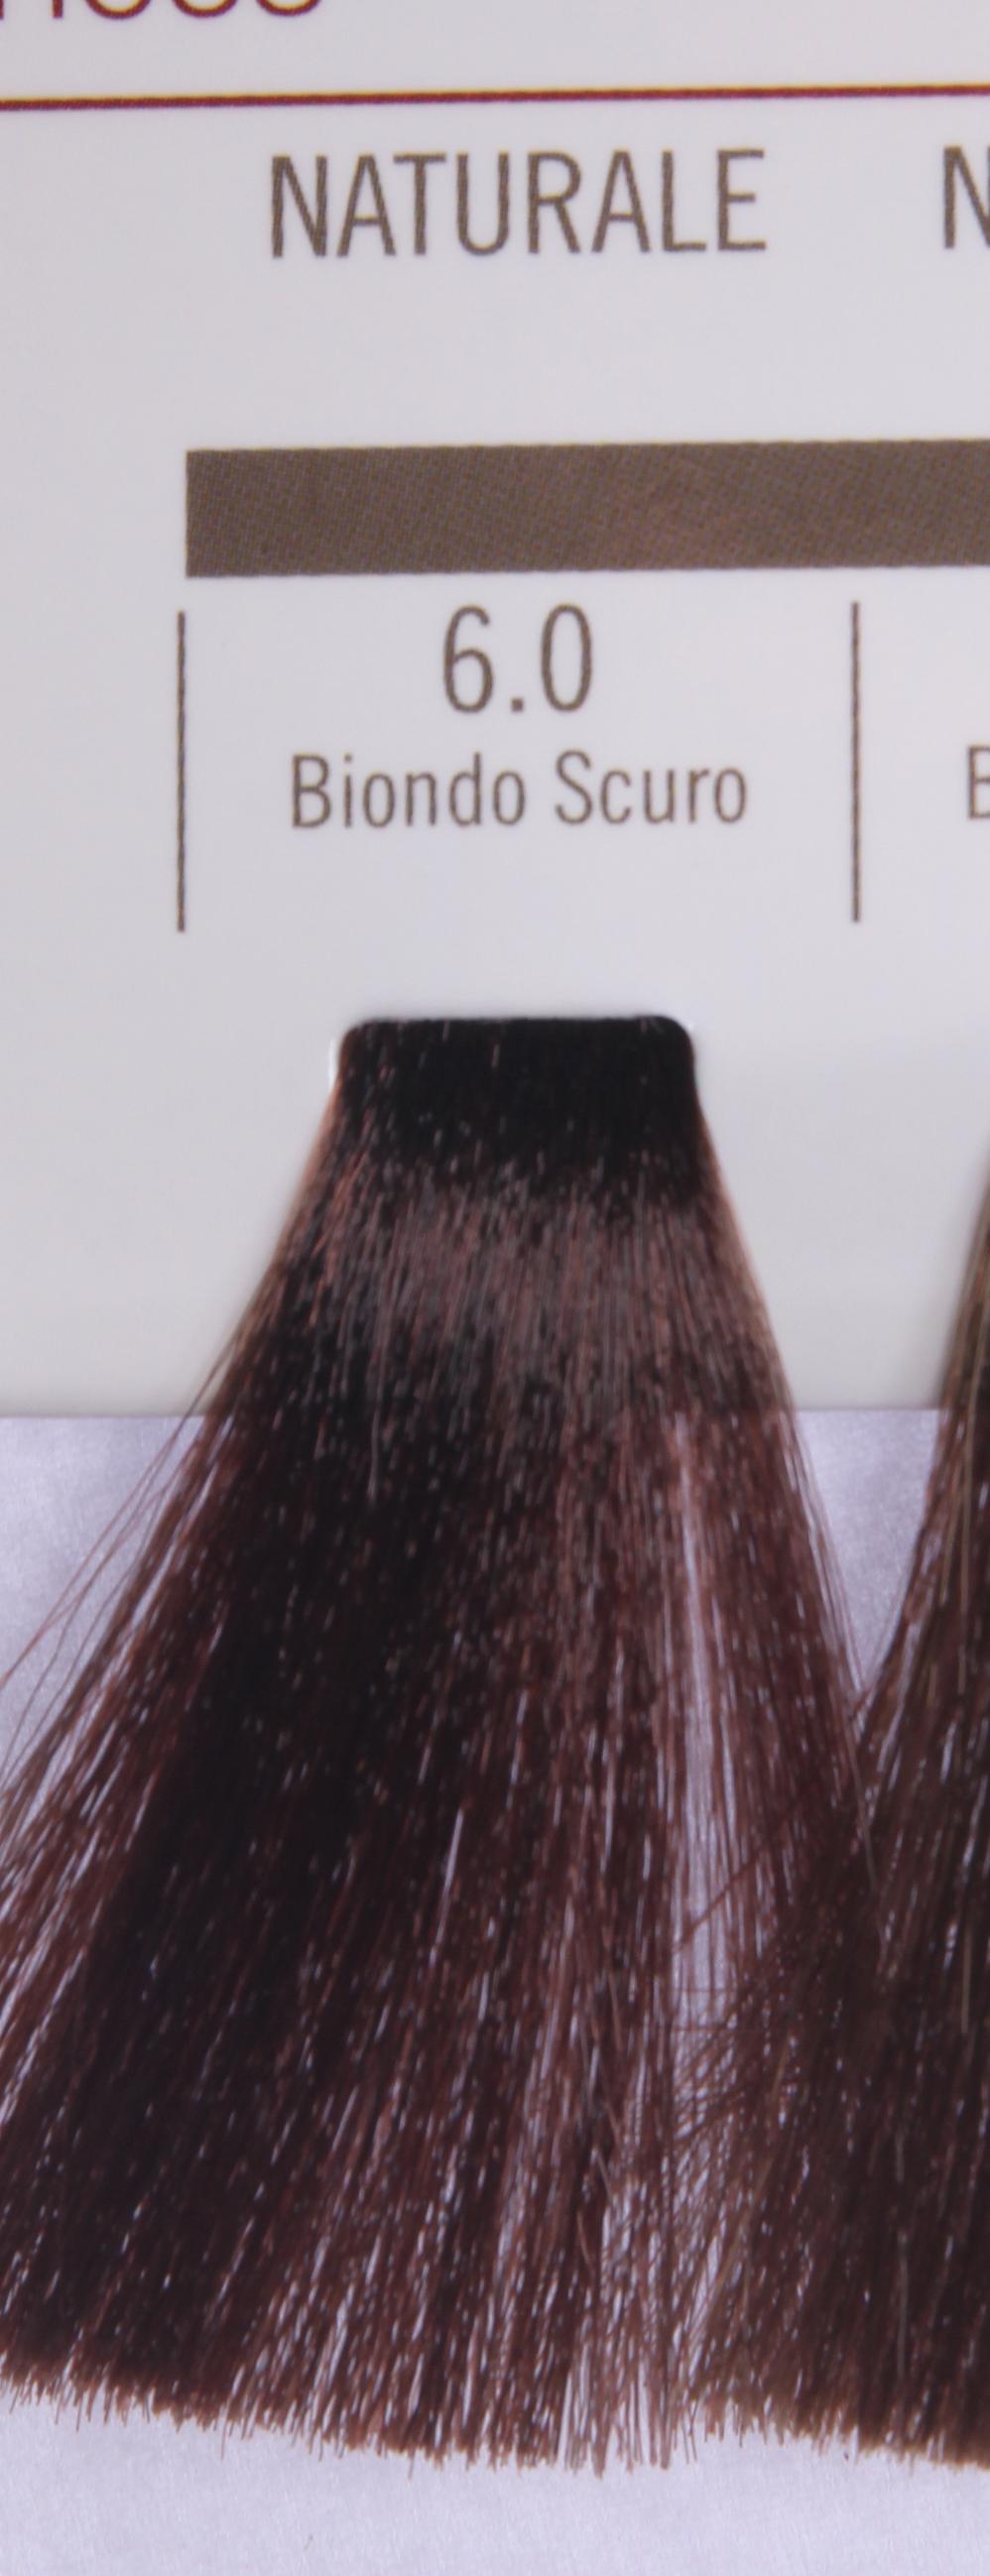 BAREX 6.0 краска для волос / PERMESSE 100млКраски<br>Оттенок: Темный блондин. Профессиональная крем-краска Permesse отличается низким содержанием аммиака - от 1 до 1,5%. Обеспечивает блестящий и натуральный косметический цвет, 100% покрытие седых волос, идеальное осветление, стойкость и насыщенность цвета до следующего окрашивания. Комплекс сертифицированных органических пептидов M4, входящих в состав, действует с момента нанесения, увлажняя волосы, придавая им прочность и защиту. Пептиды избирательно оседают в самых поврежденных участках волоса, восстанавливая и защищая их. Масло карите оказывает смягчающее и успокаивающее действие. Комплекс пептидов и масло карите стимулируют проникновение пигментов вглубь структуры волоса, придавая им здоровый вид, блеск и долговечность косметическому цвету. Активные ингредиенты:&amp;nbsp;Сертифицированные органические пептиды М4 - пептиды овса, бразильского ореха, сои и пшеницы, объединенные в полифункциональный комплекс, придающий прочность окрашенным волосам, увлажняющий и защищающий их. Сертифицированное органическое масло карите (масло ши) - богато жирными кислотами, экстрагируется из ореха африканского дерева карите. Оказывает смягчающий и целебный эффект на кожу и волосы, широко применяется в косметической индустрии. Масло карите защищает волосы от неблагоприятного воздействия внешней среды, интенсивно увлажняет кожу и волосы, т.к. обладает высокой степенью абсорбции, не забивает поры. Способ применения:&amp;nbsp;Крем-краска готовится в смеси с Молочком-оксигентом Permesse 10/20/30/40 объемов в соотношении 1:1 (например, 50 мл крем-краски + 50 мл молочка-оксигента). Молочко-оксигент работает в сочетании с крем-краской и гарантирует идеальное проявление краски. Тюбик крем-краски Permesse содержит 100 мл продукта, количество, достаточное для 2 полных нанесений. Всегда надевайте подходящие специальные перчатки перед подготовкой и нанесением краски. Подготавливайте смесь крем-краски и молочка-оксигента Permesse в неметаллическ